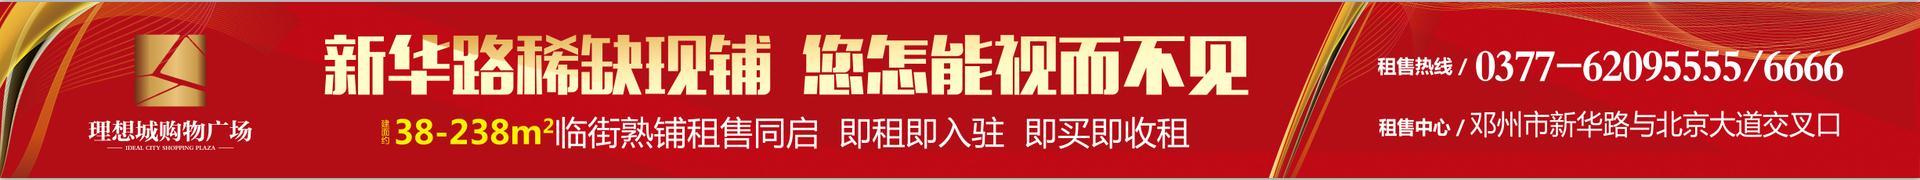 澳门威尼斯人娱乐场市理想城购物广场,新华东路与北京大道交叉口,稀缺现铺,对外出售